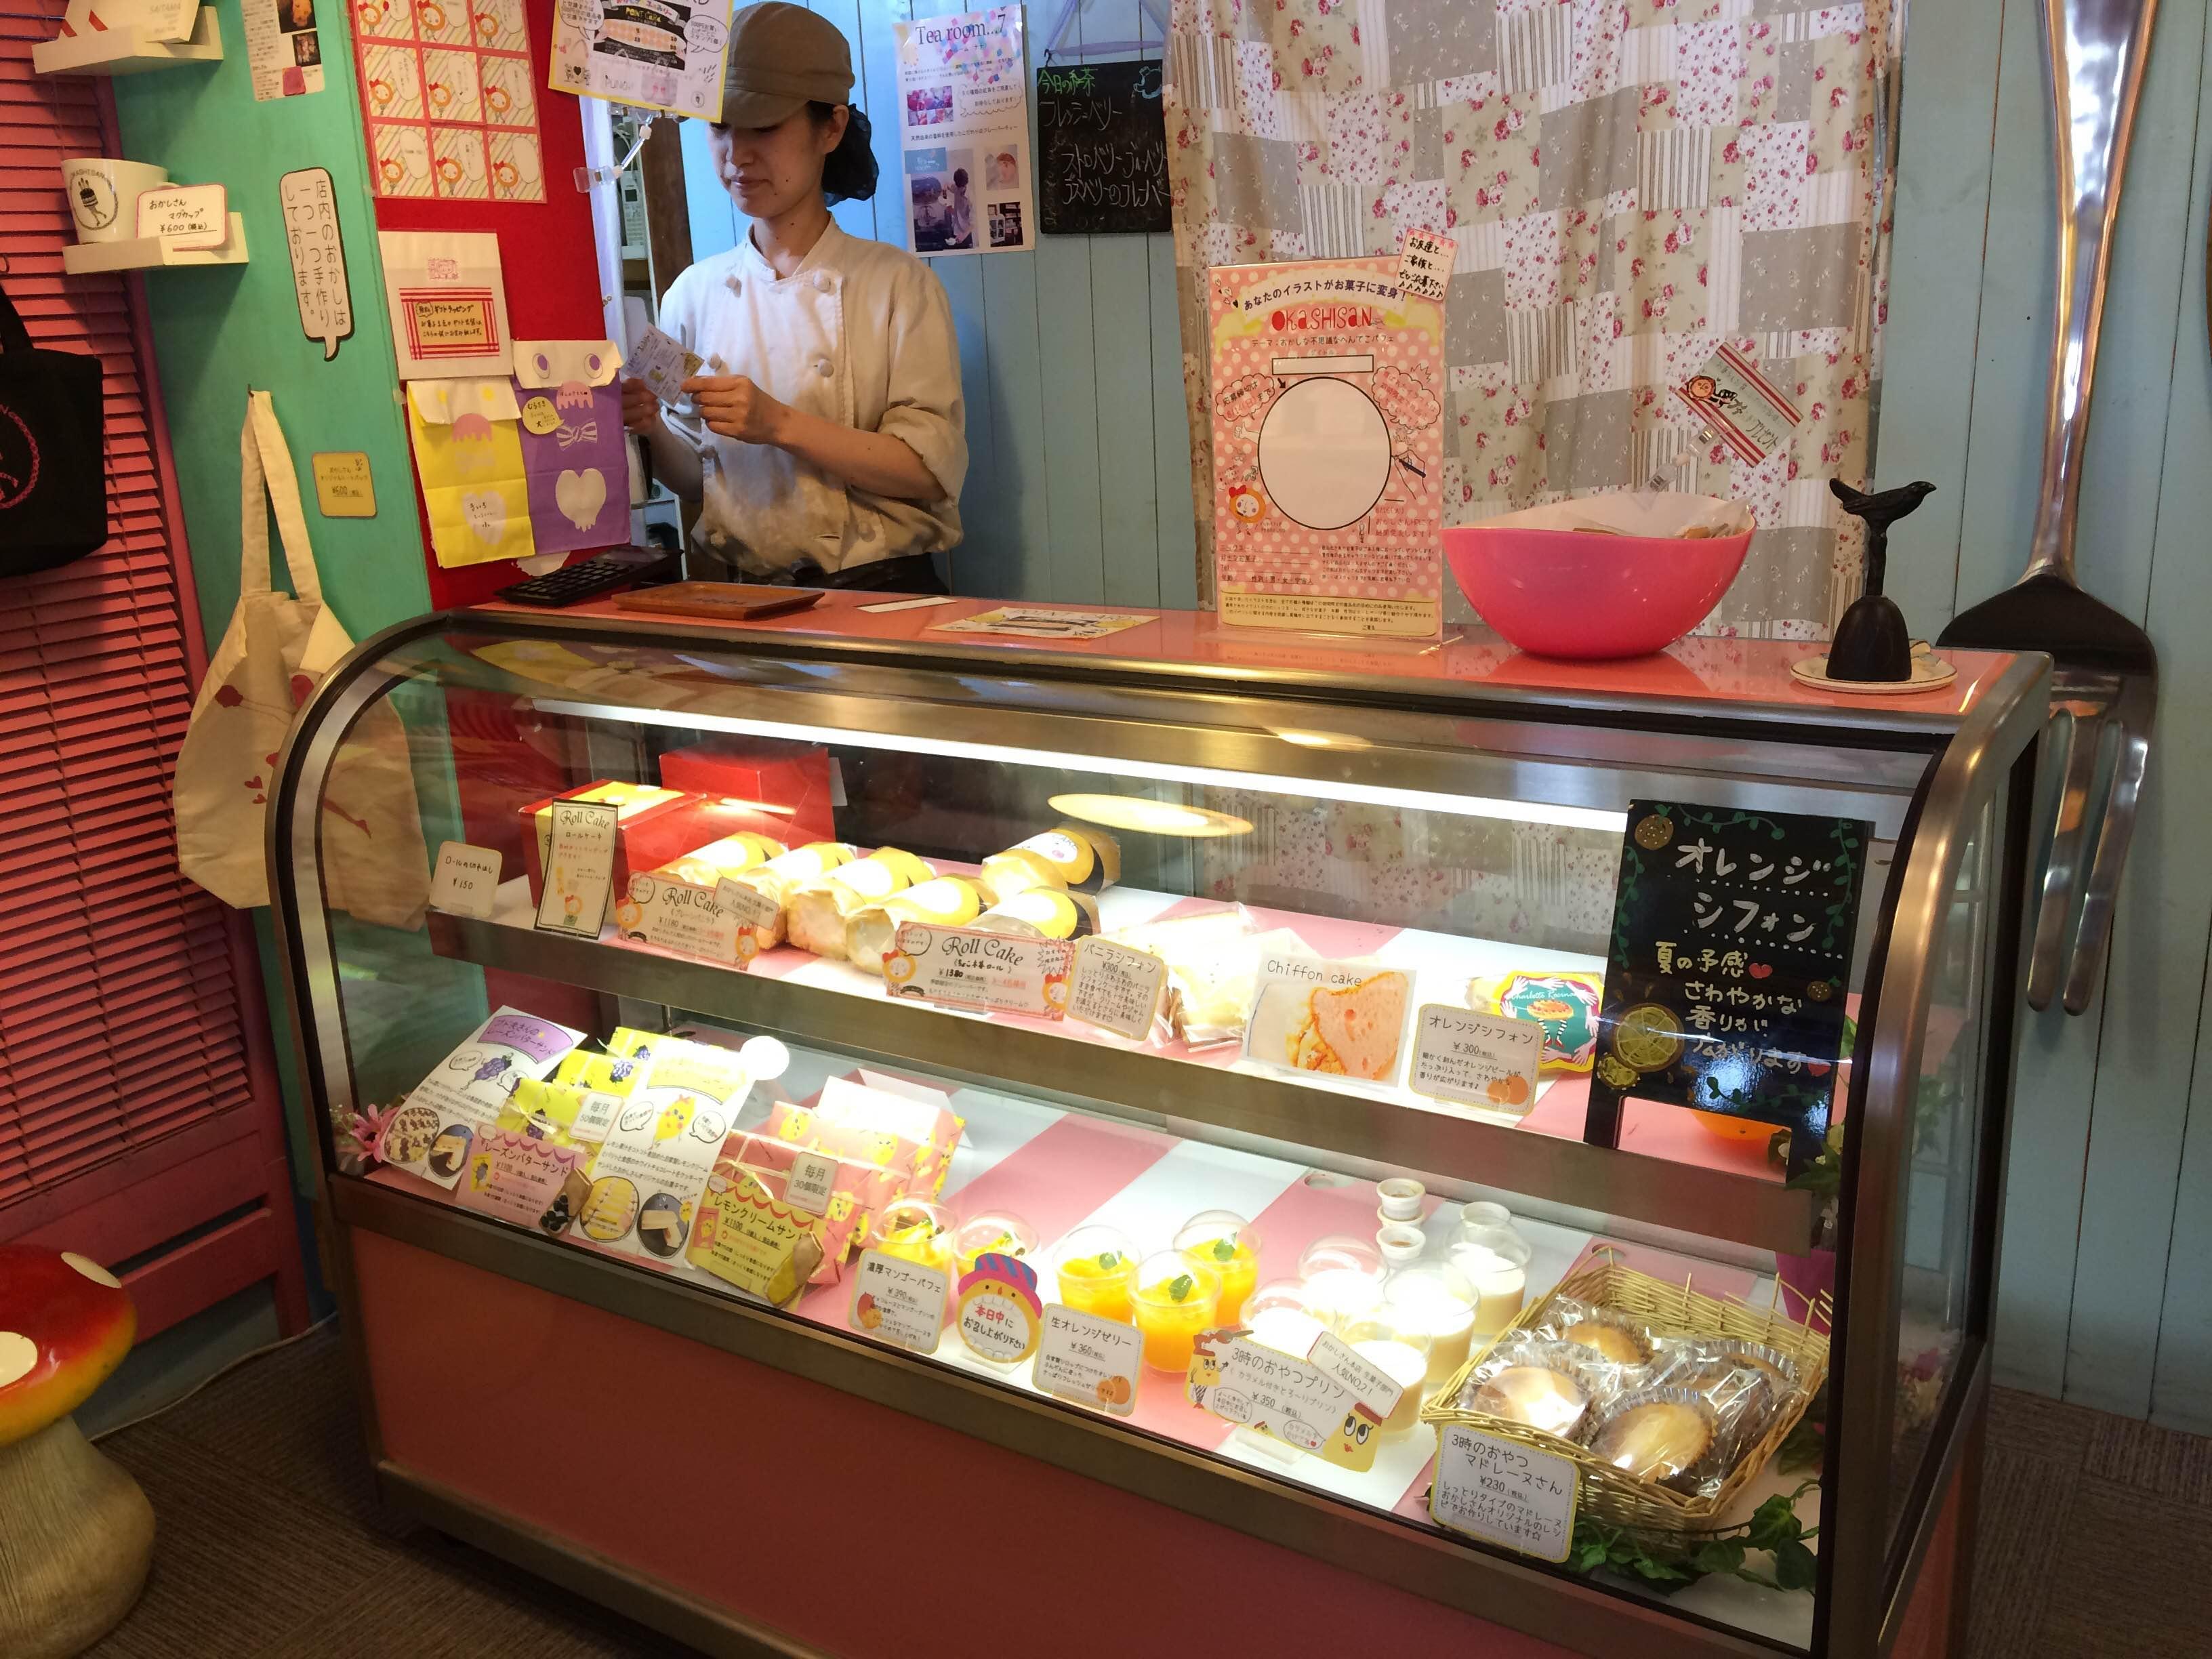 さいたま市にある洋菓子店のケーキ